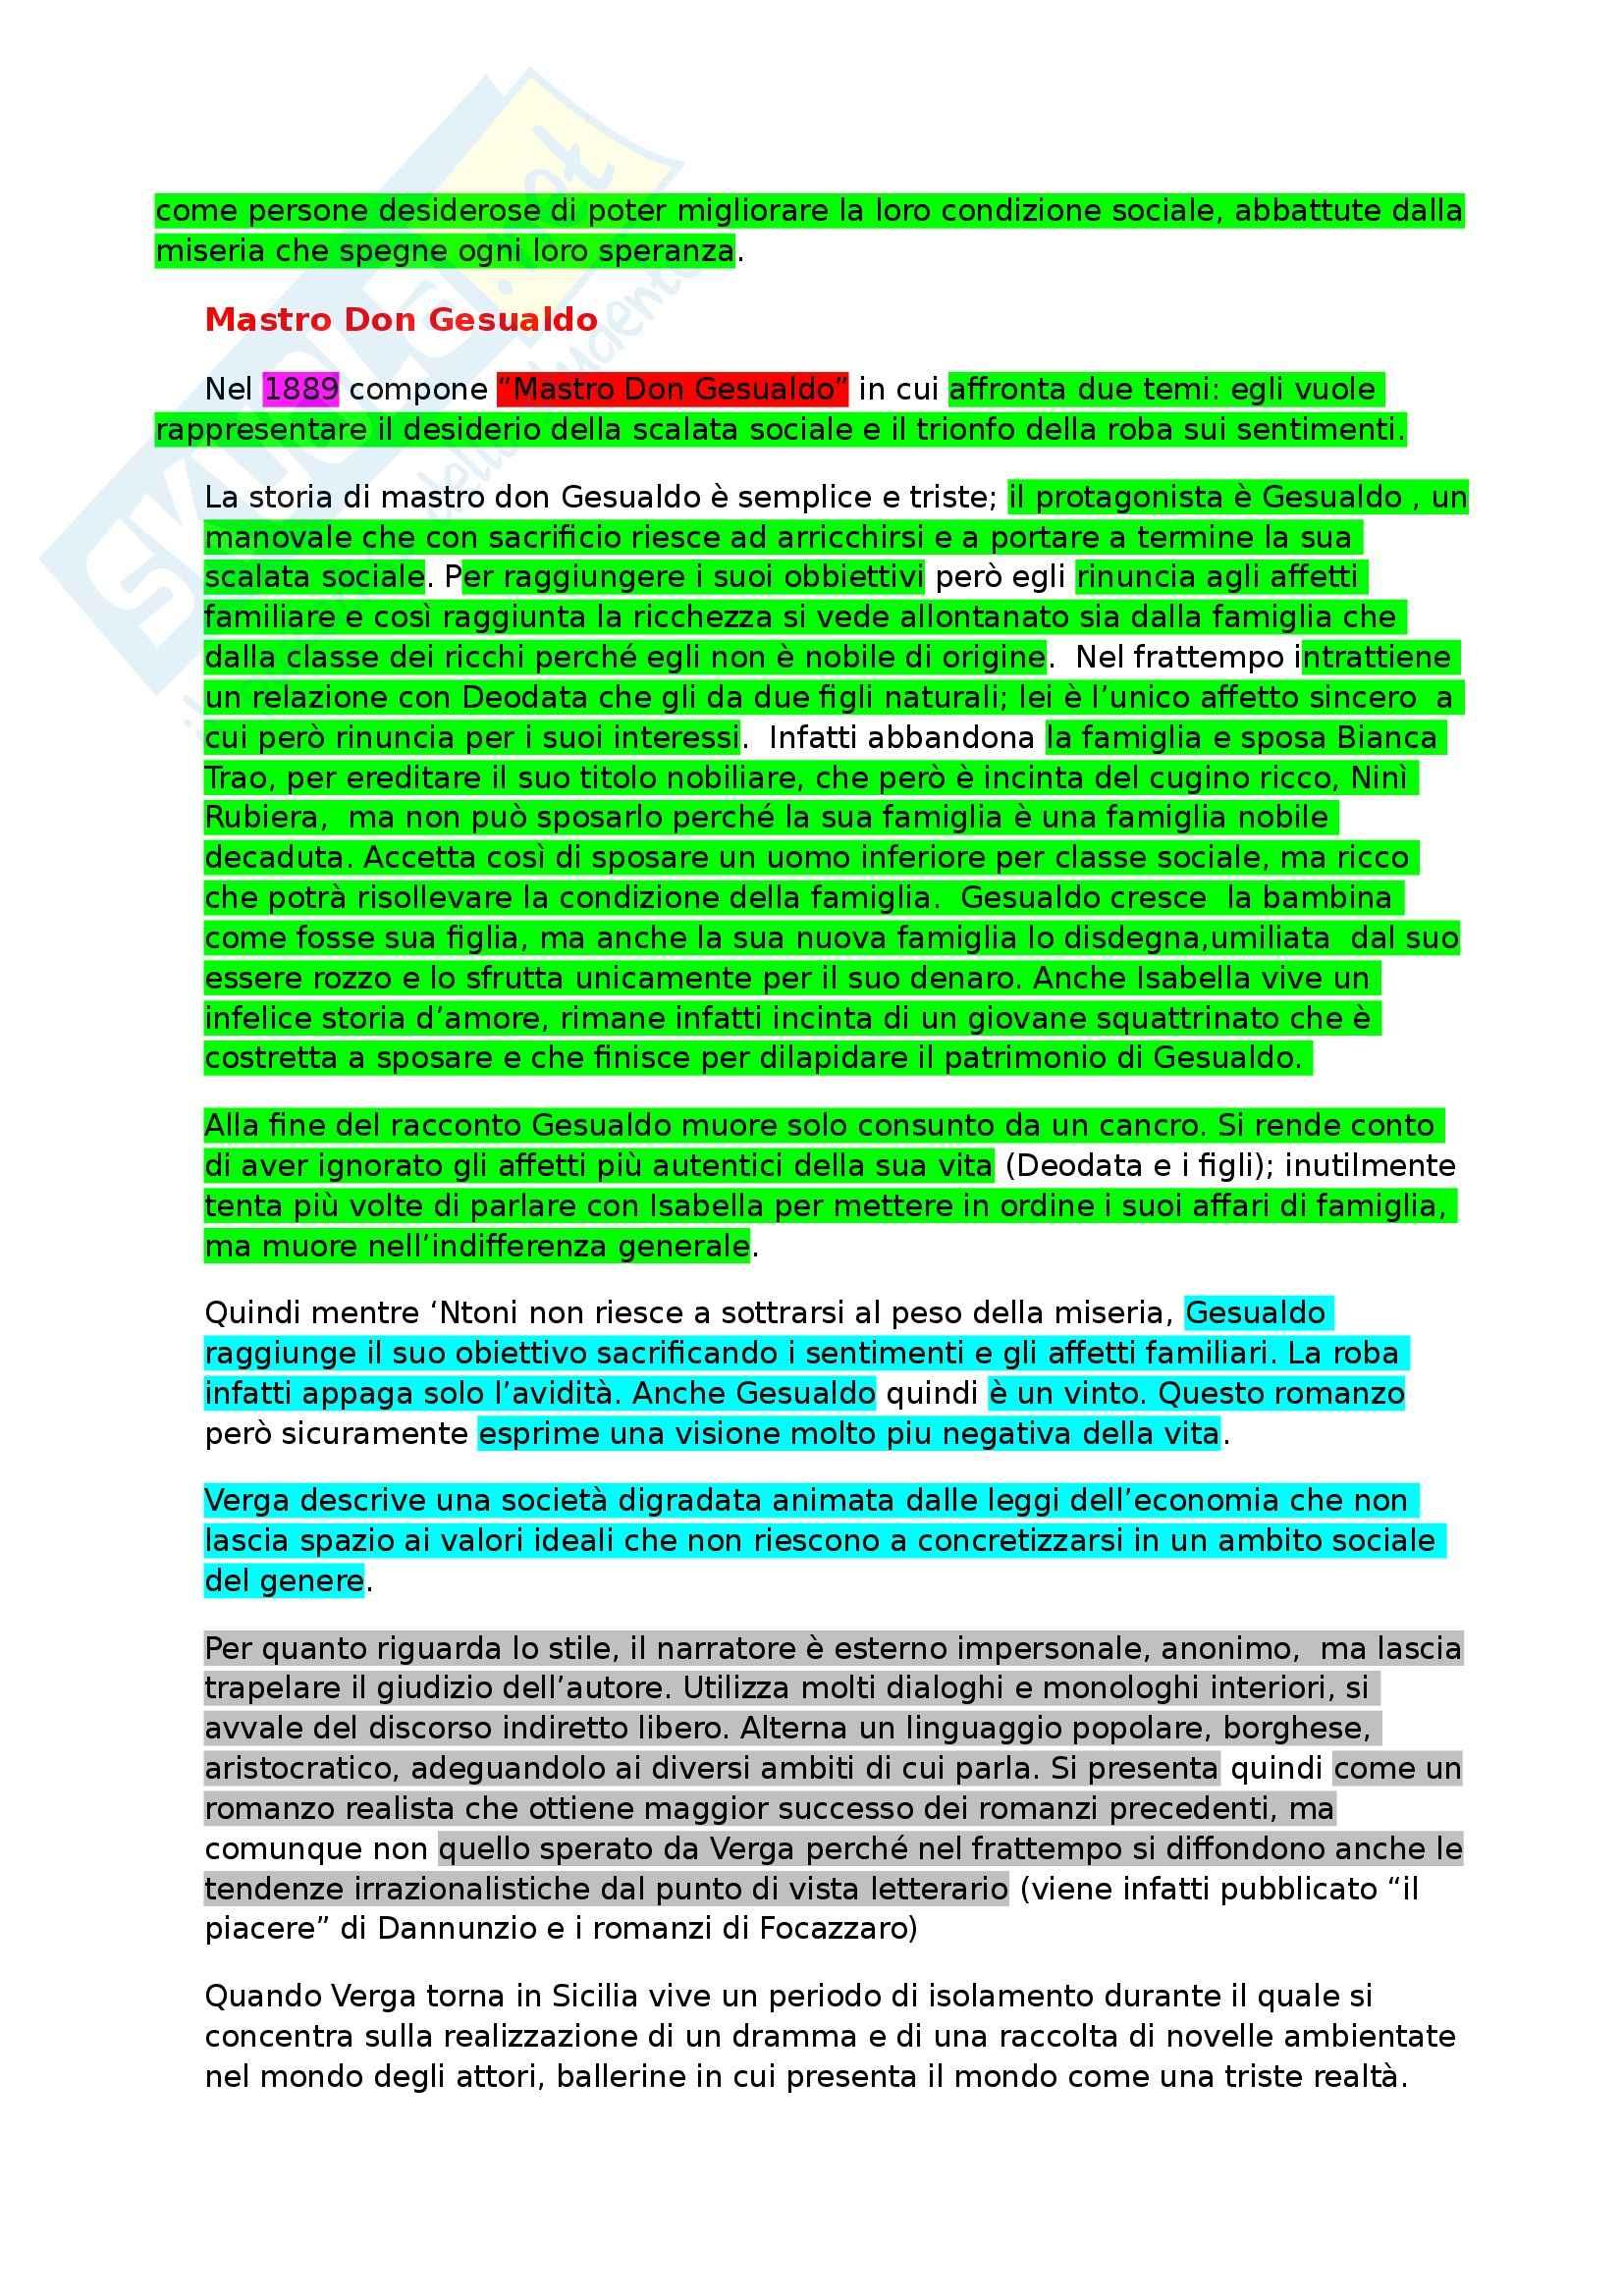 Letteratura italiana - Verga Pag. 6